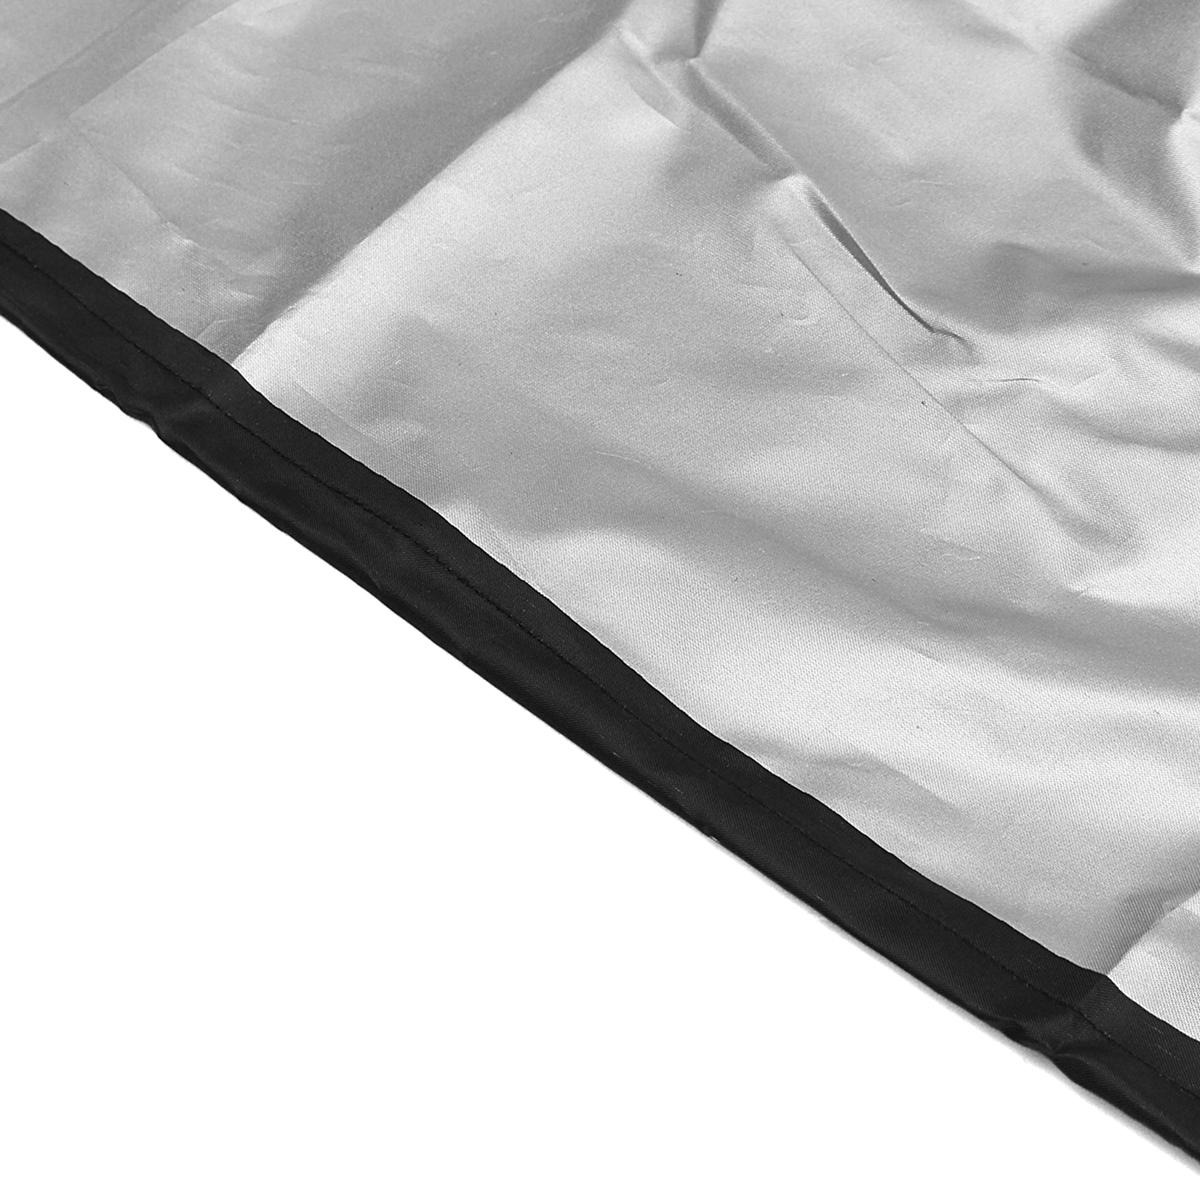 TEMPSA Housse De Protection Étanche Pour Meubles de Jardin Table Banc Extérieurs Bâche Couvercle Noir 210*140*80cm